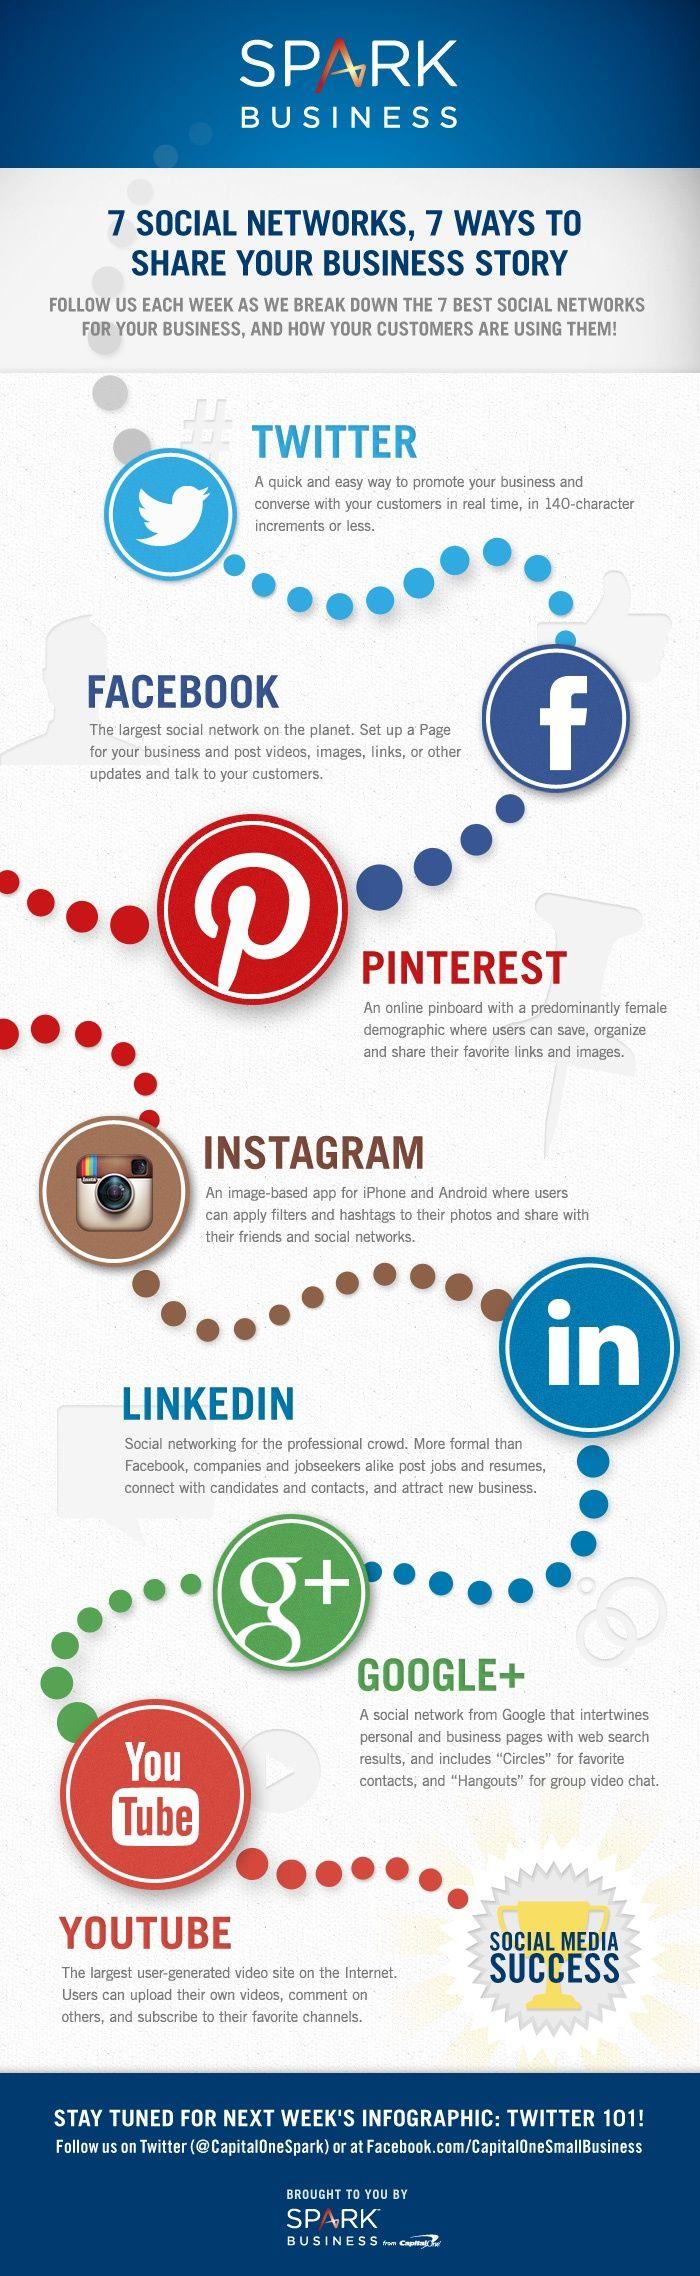 7 Redes Sociales que harán crecer tu negocio